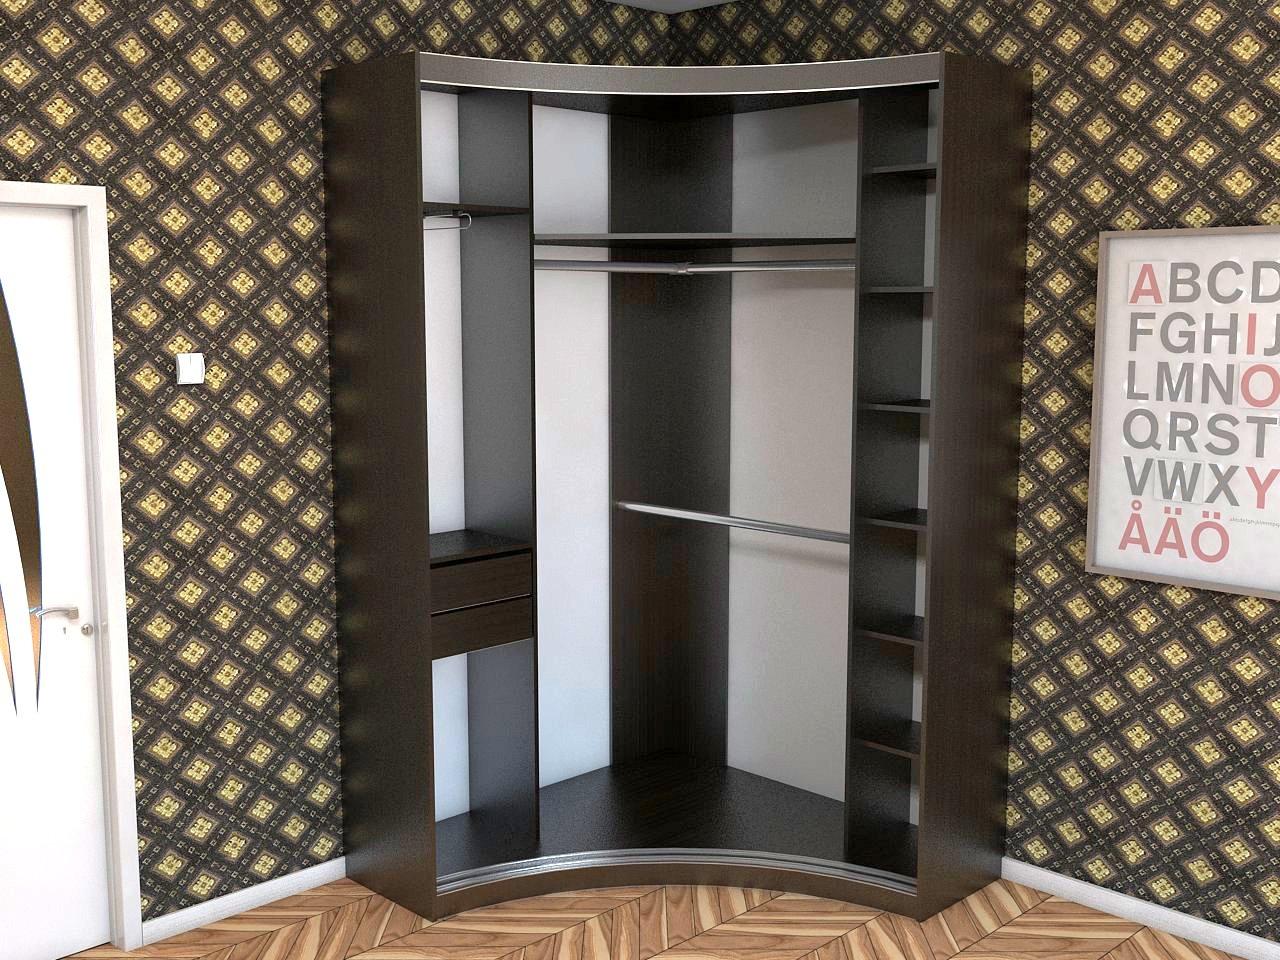 Угловой шкаф в прихожую, фото дизайн идеи.